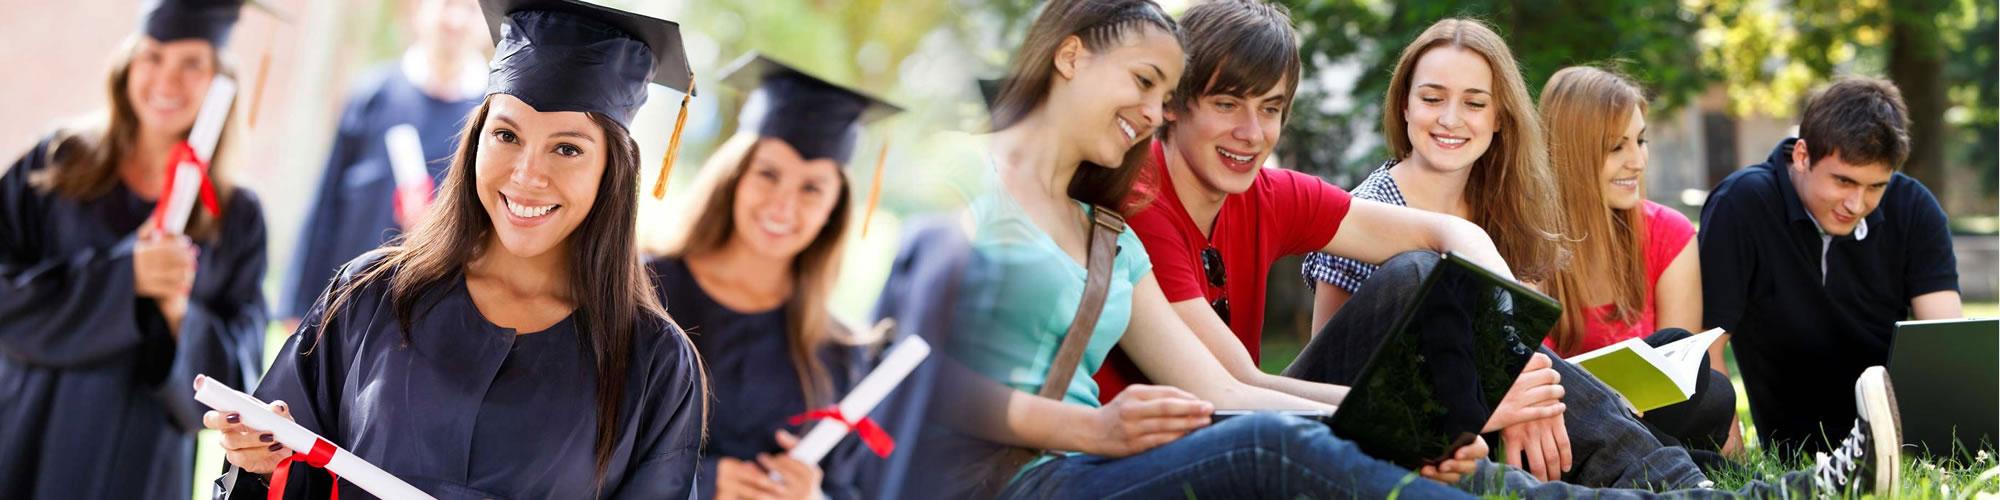 Inscrieri cursuri in limba engleza Universitatea Britanica in Romania